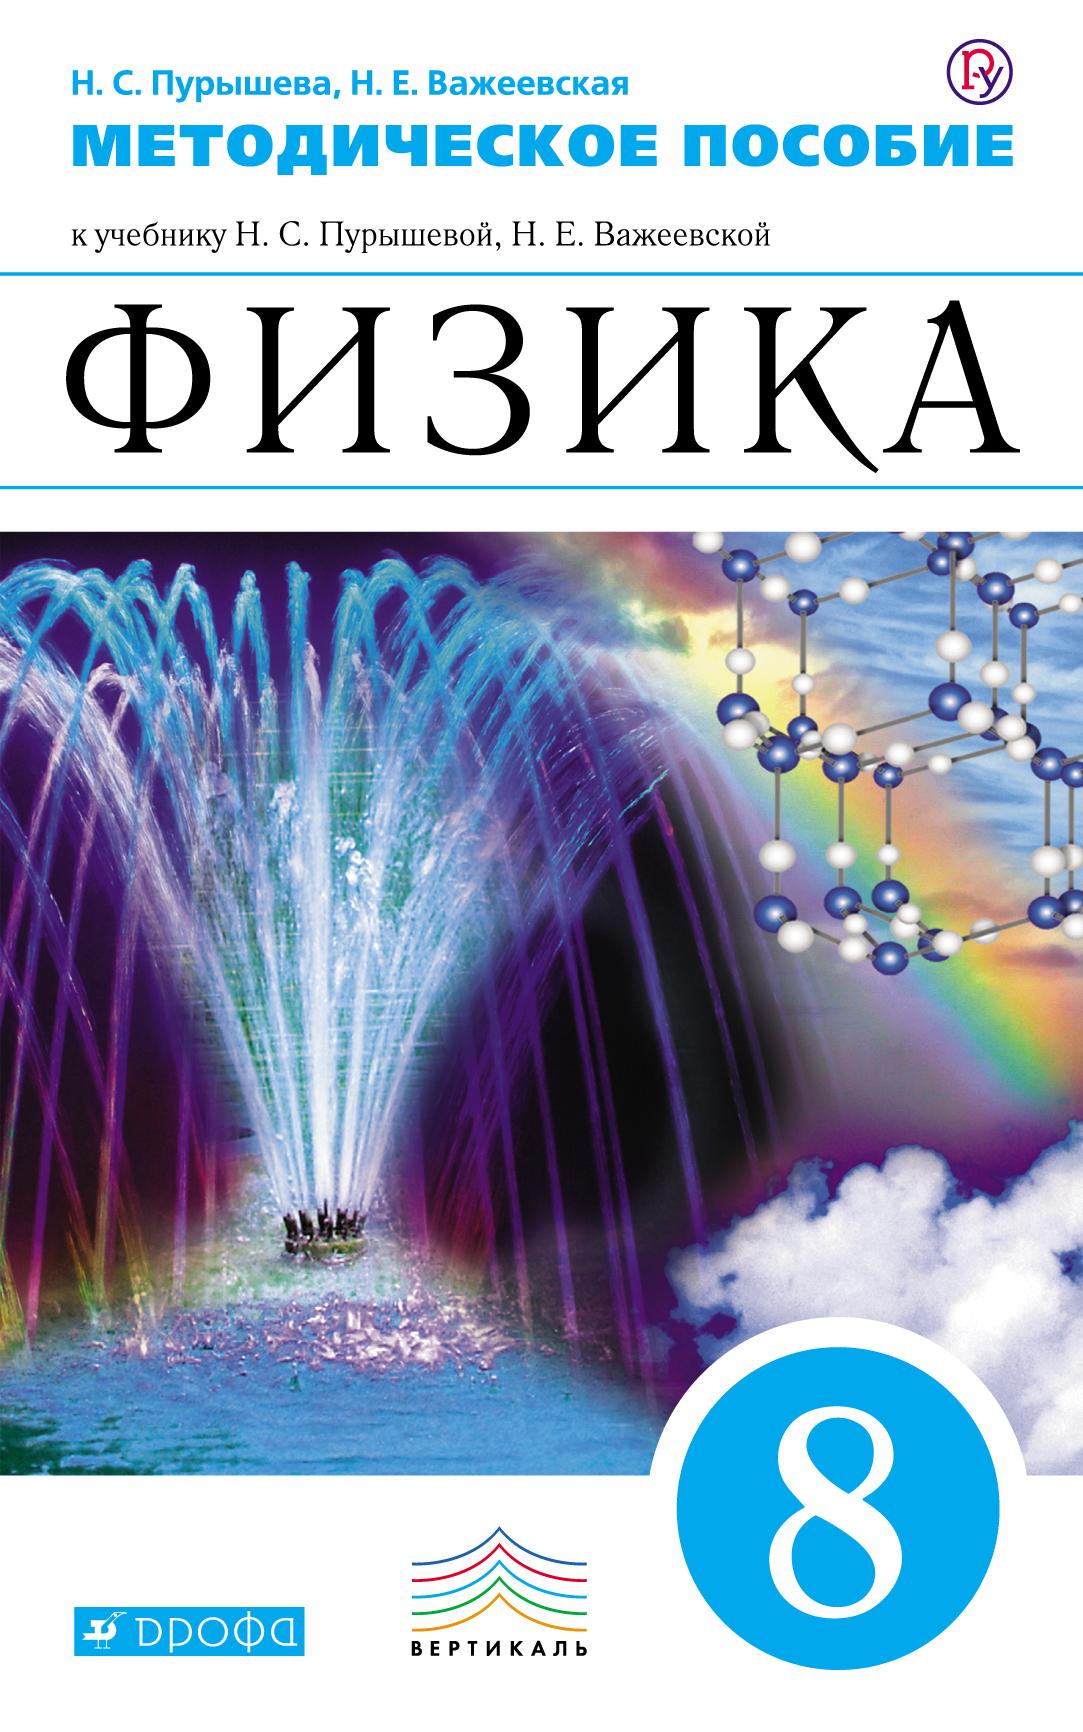 Н. Е. Важеевская Методическое пособие к учебнику Н. С. Пурышевой, Н. Е. Важеевской «Физика. 8 класс» в н русак математическая физика